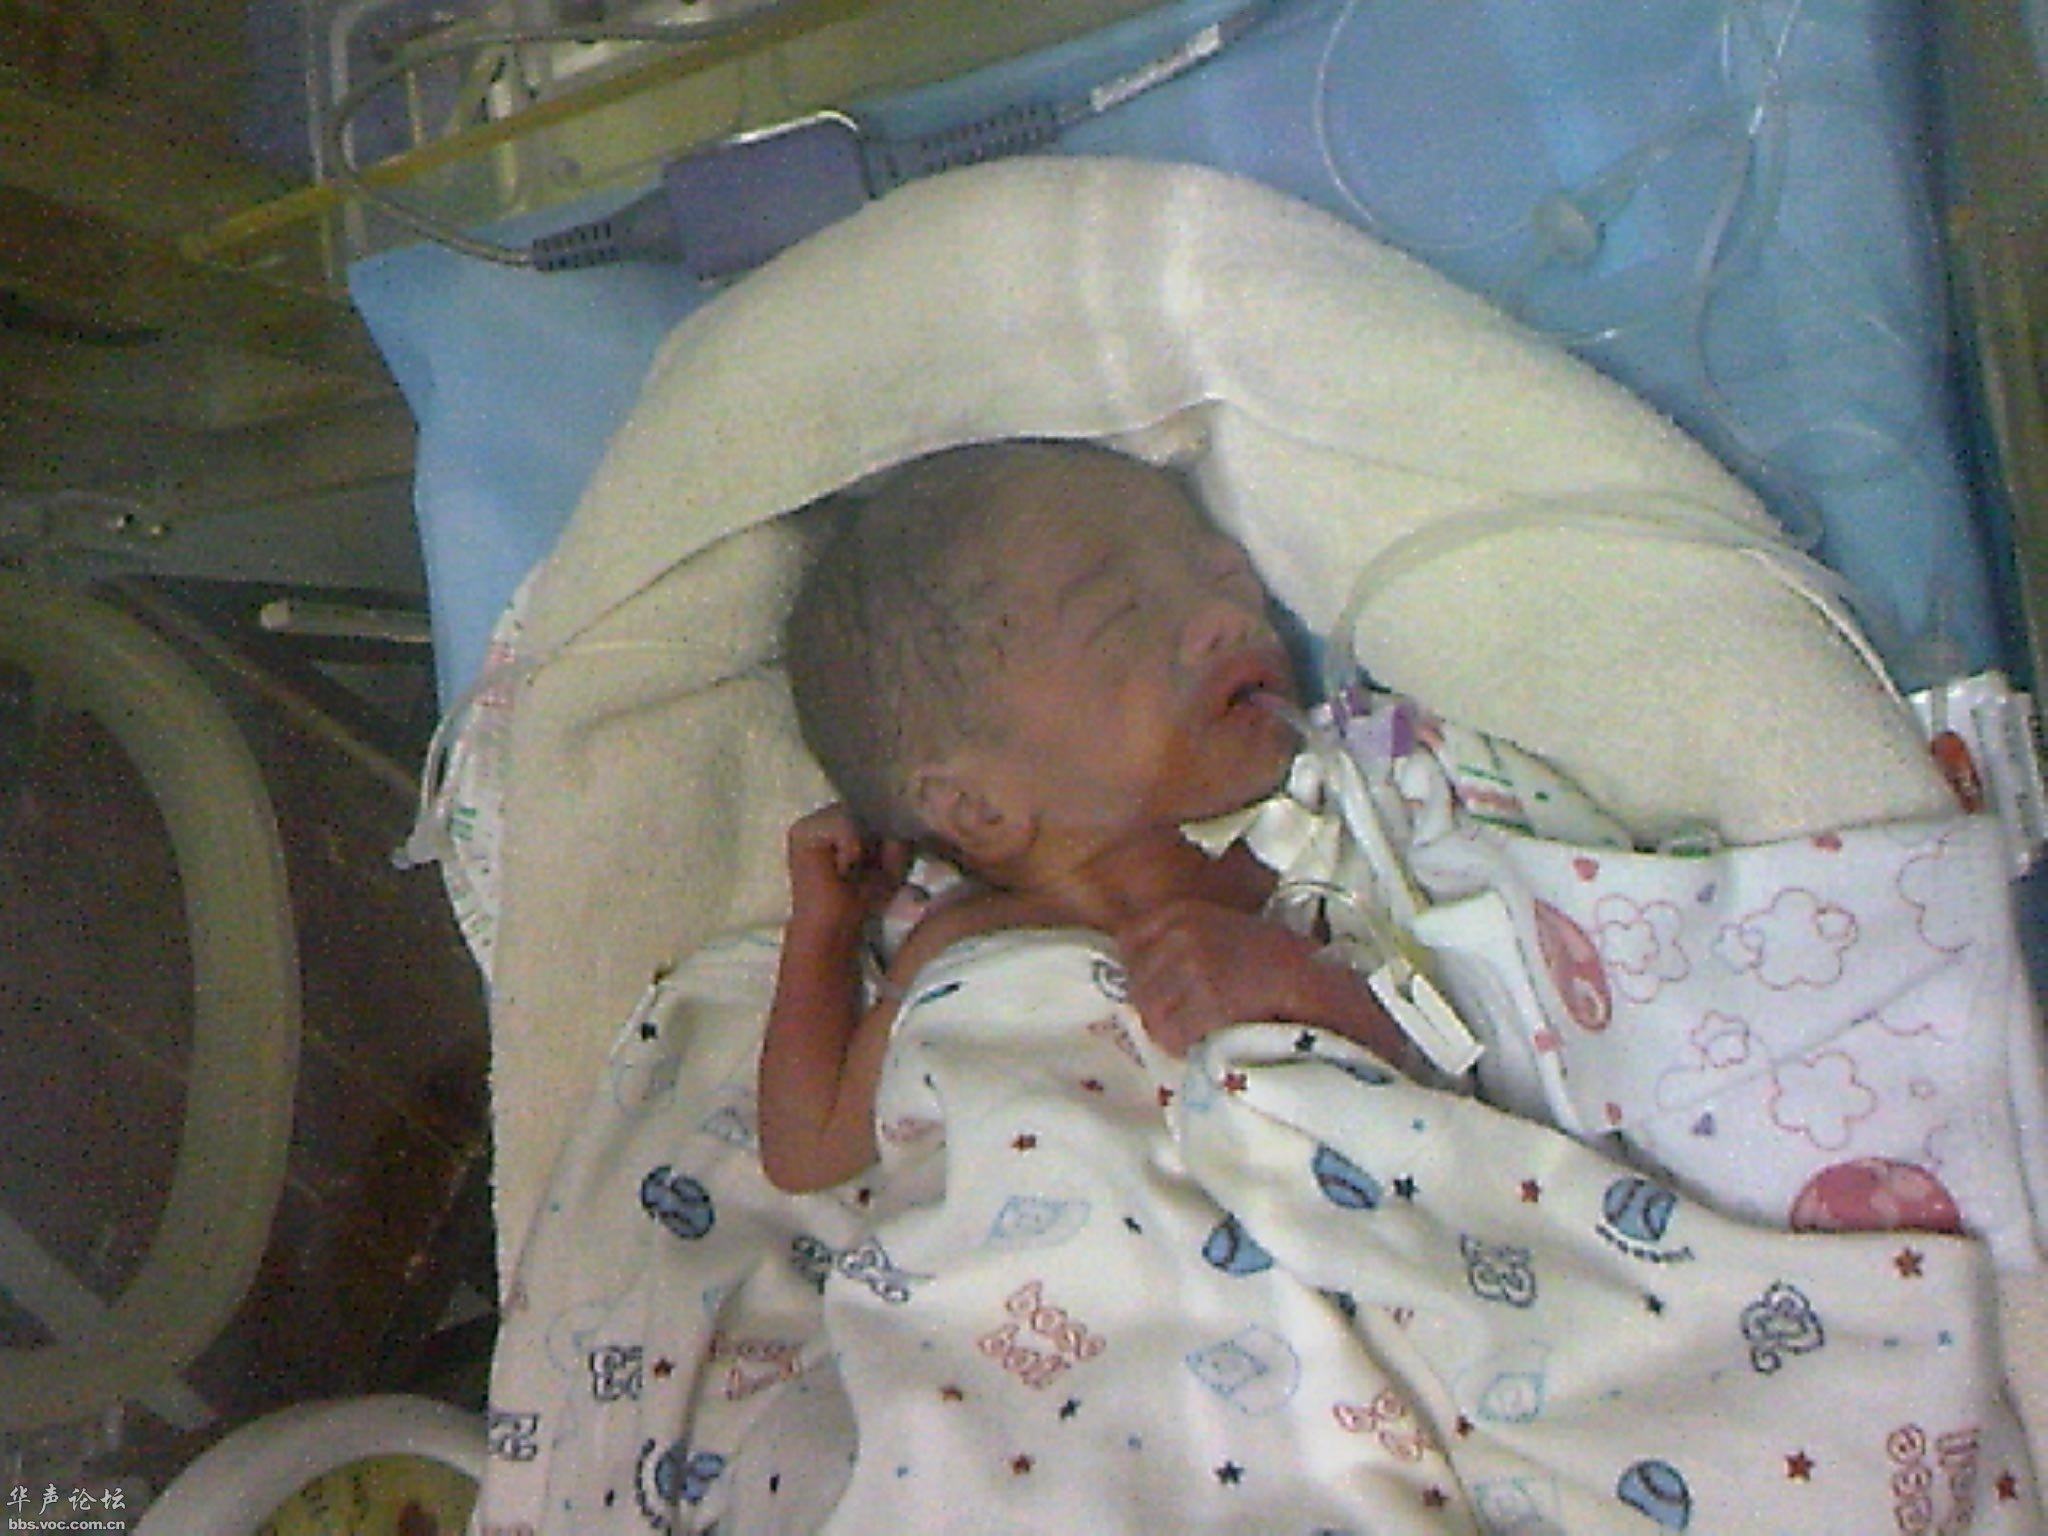 放在恒温箱里的拇指小宝宝,体重仅900克.-900克 拇指女婴降临